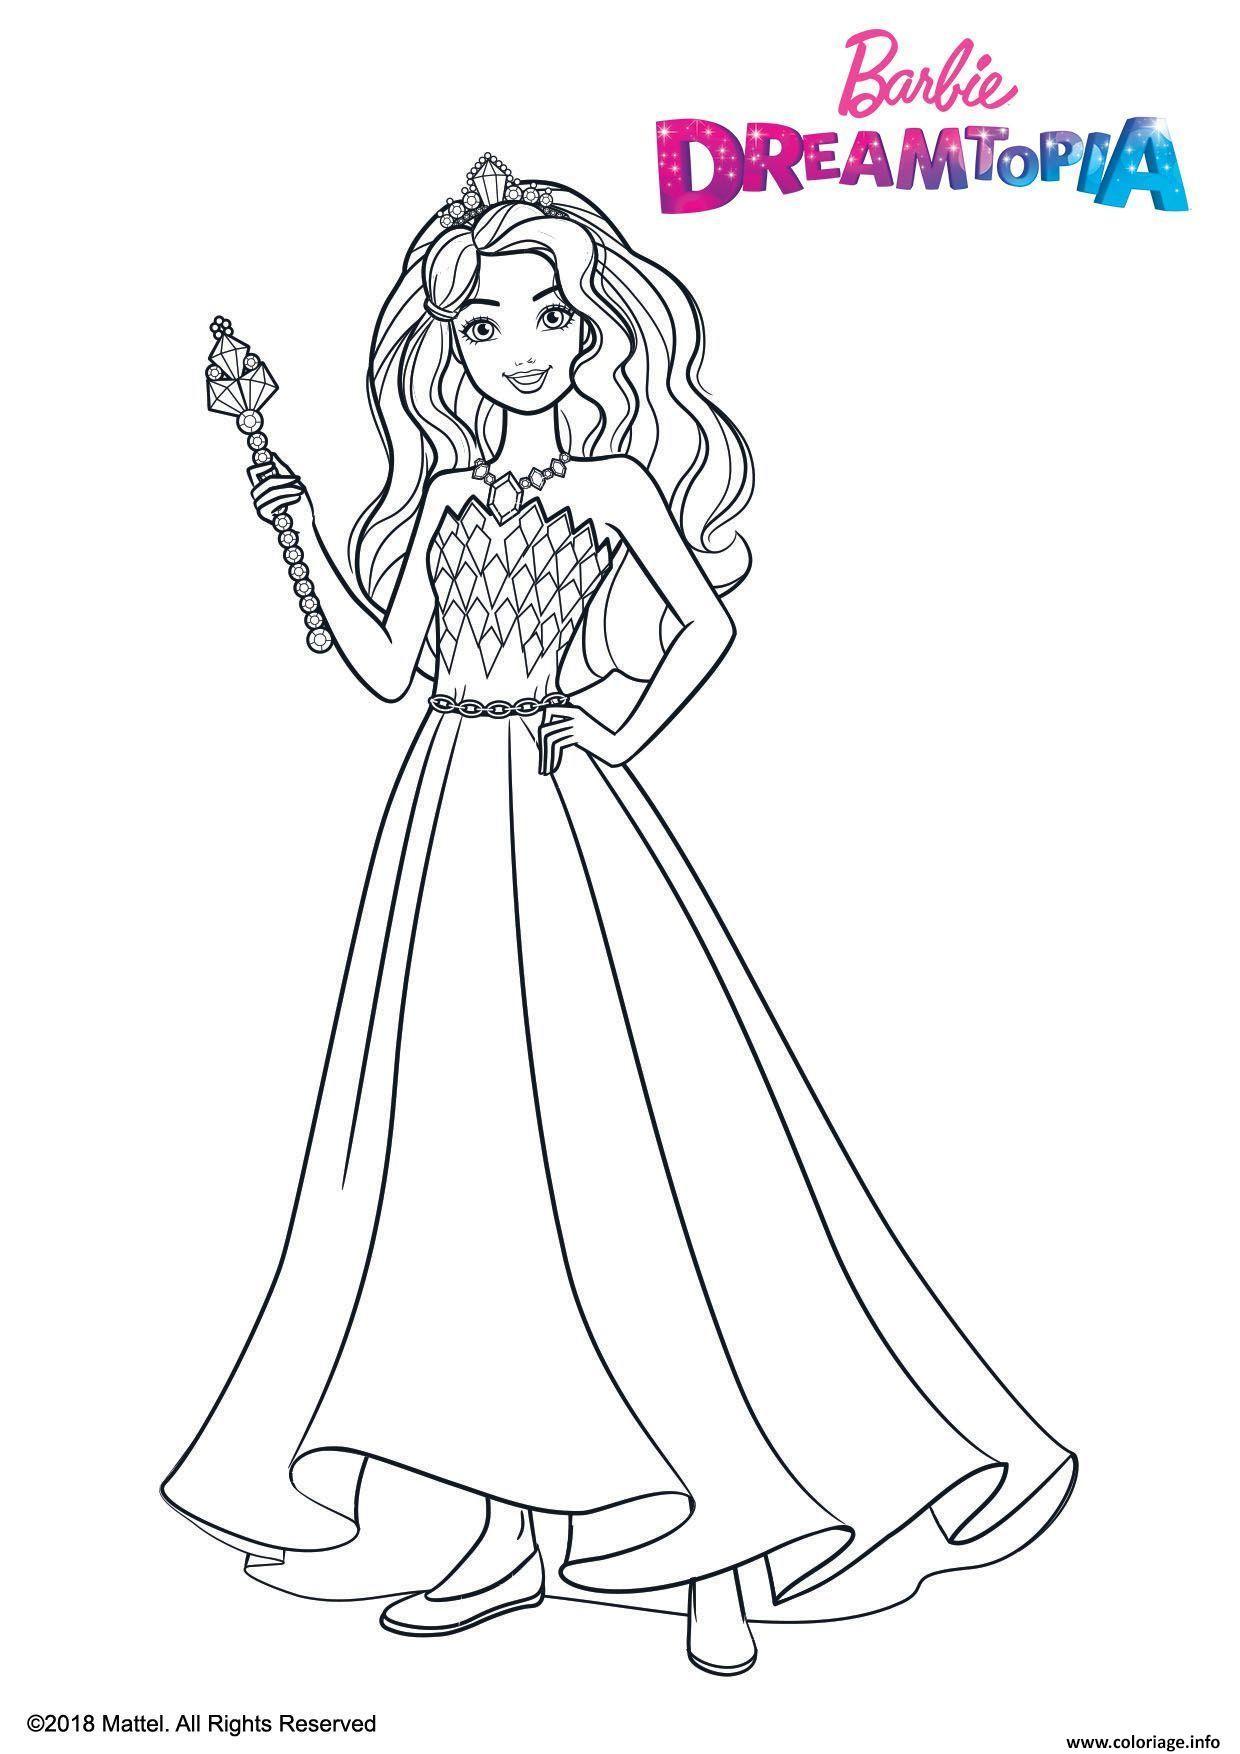 Coloriage Barbie Princesse Fille Dreamtopia Jecolorie Com